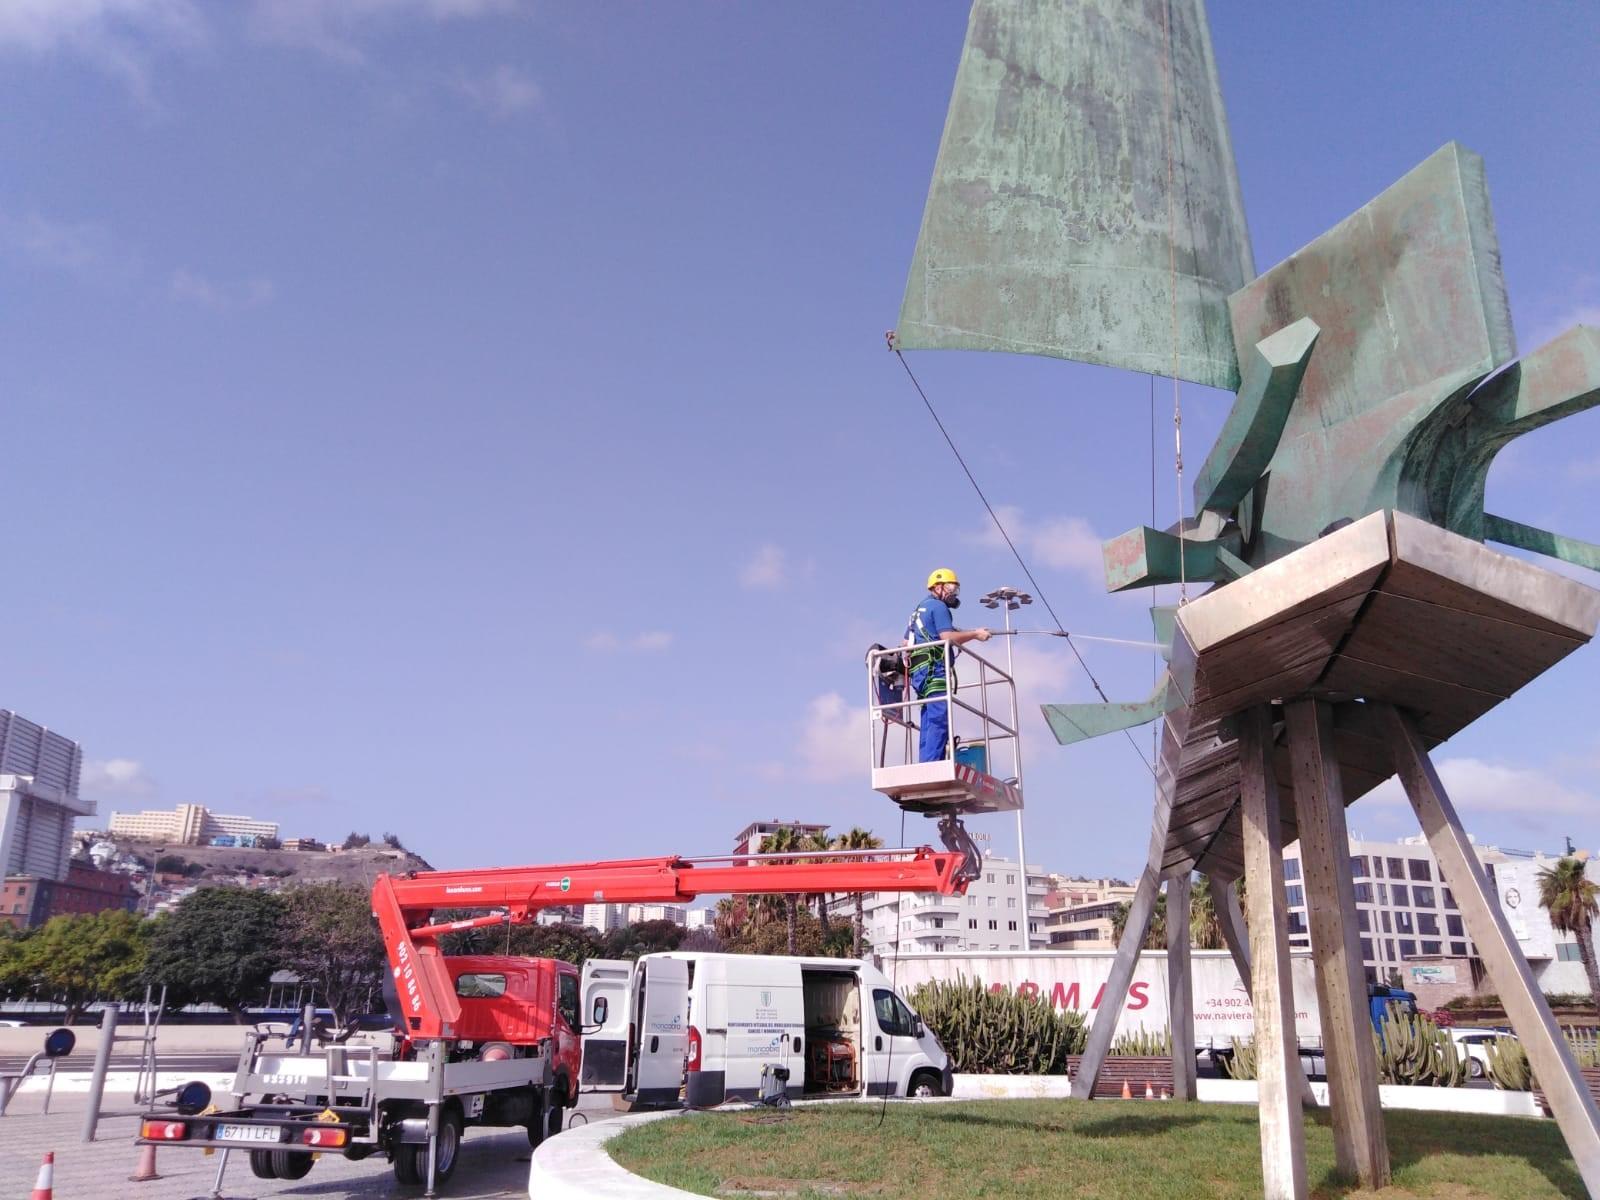 Labores de mantenimiento y limpieza en monumentos de Las Palmas de Gran Canaria